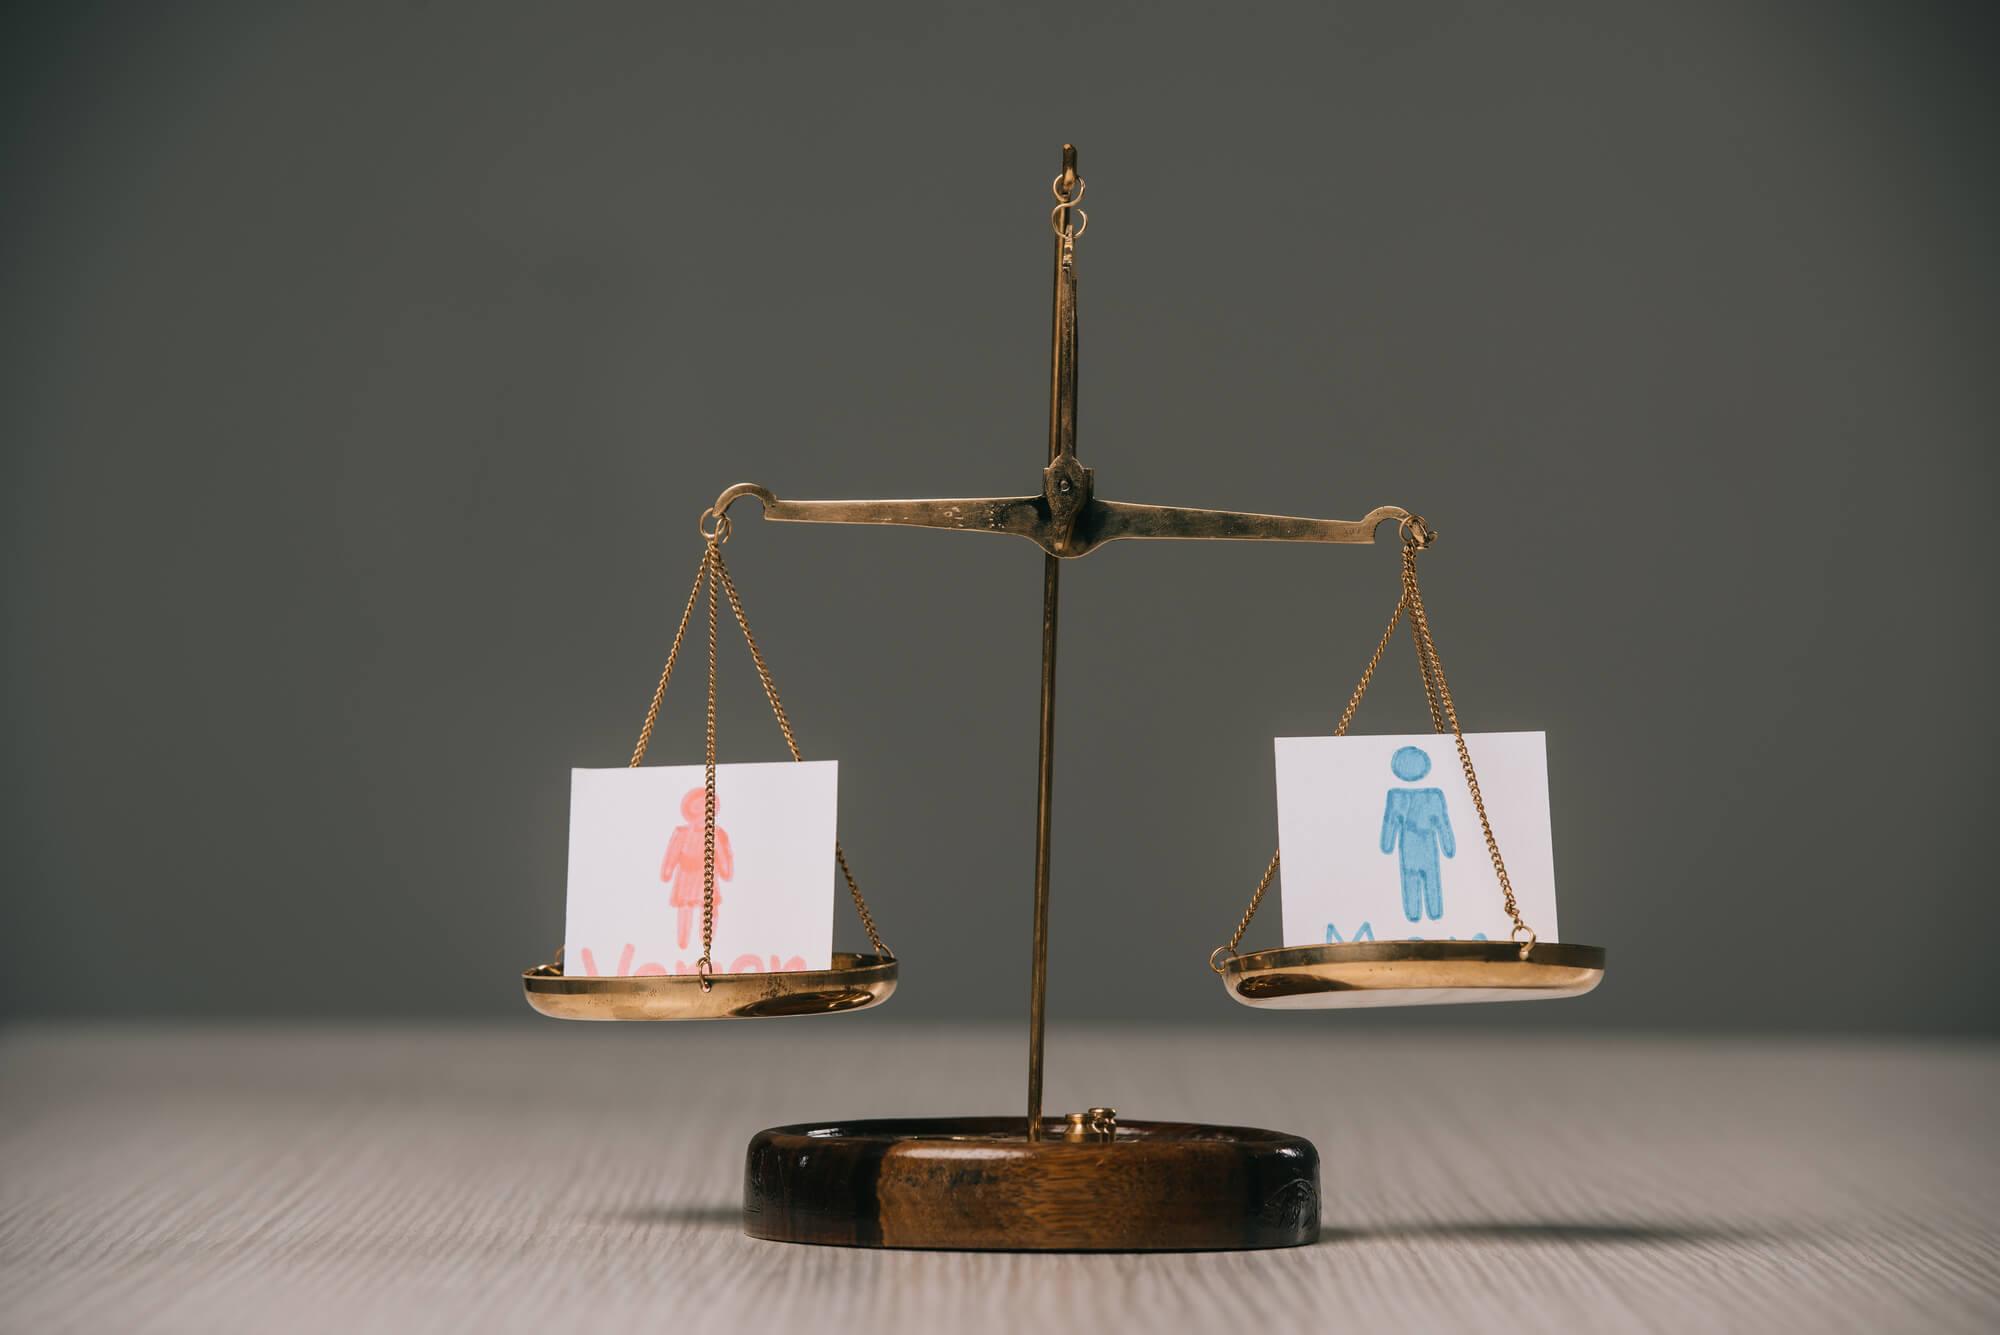 Ґендерна рівність та ефективне розподілення державних коштів